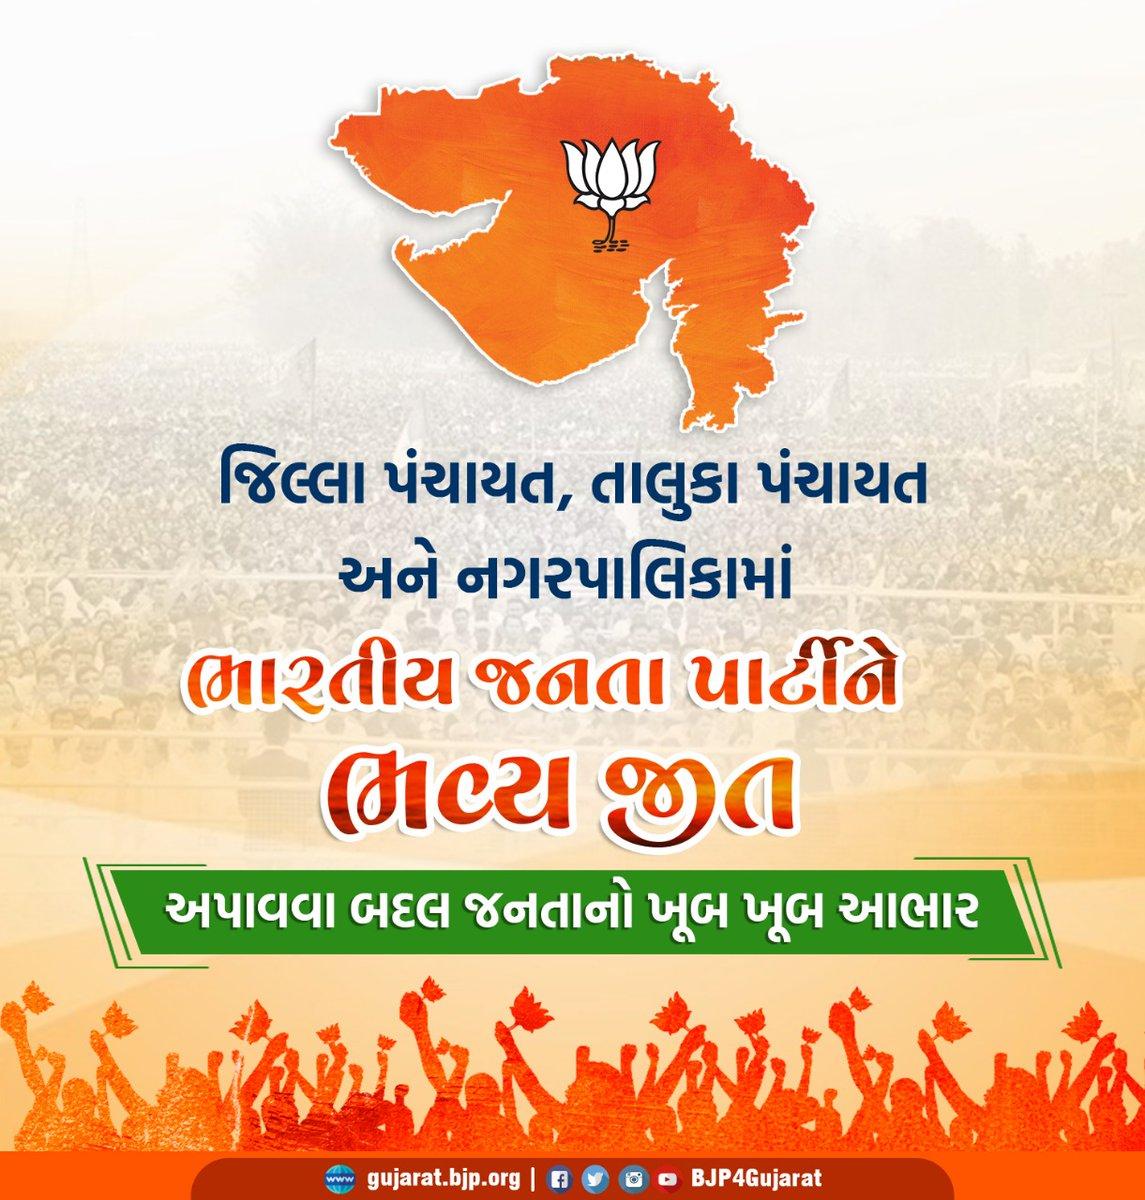 જિલ્લા પંચાયત, તાલુકા પંચાયત અને નગરપાલિકામાં ભારતીય જનતા પાર્ટીને ભવ્ય જીત અપાવવા બદલ જનતાનો ખૂબ ખૂબ આભાર.